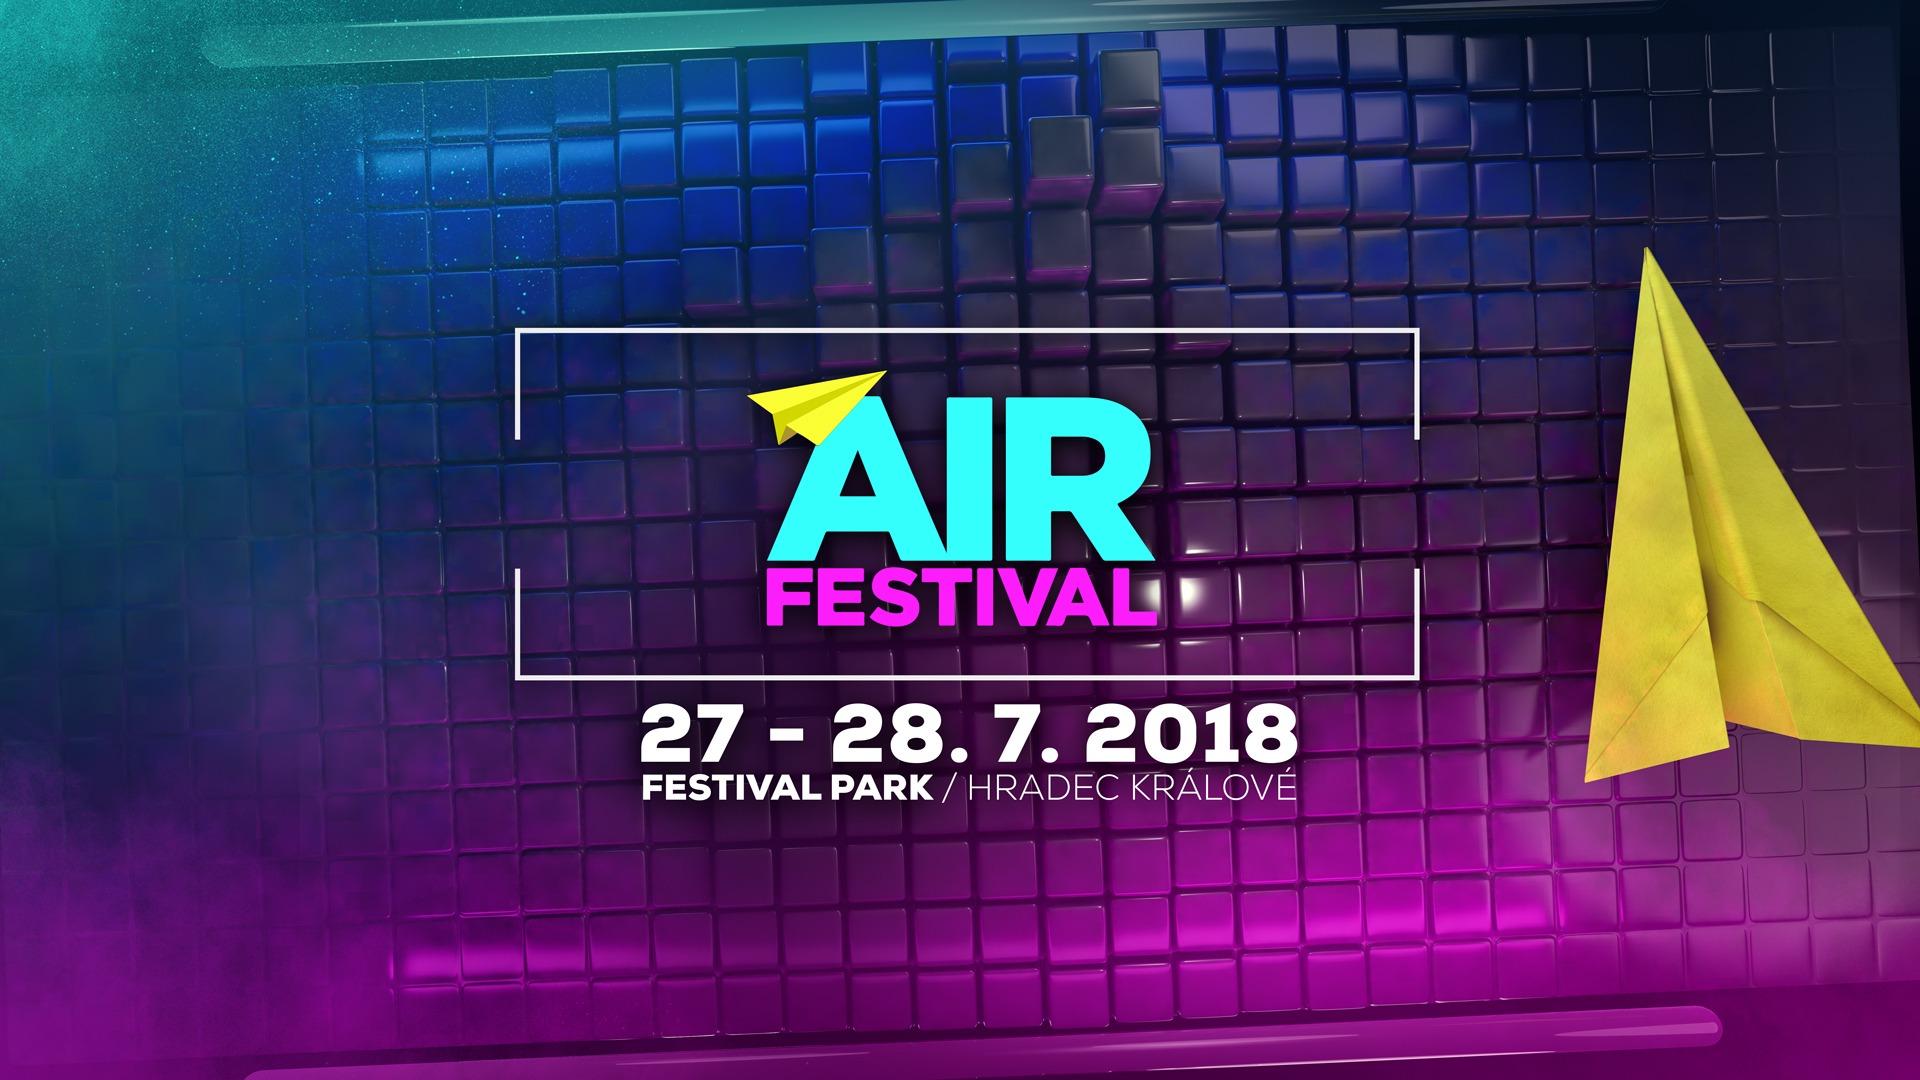 AIRFESTIVAL 2018: KREWELLA, CARNAGE, PEGBOARD NERDS, hvězdy Beatportu BROHUG a mnoho dalších